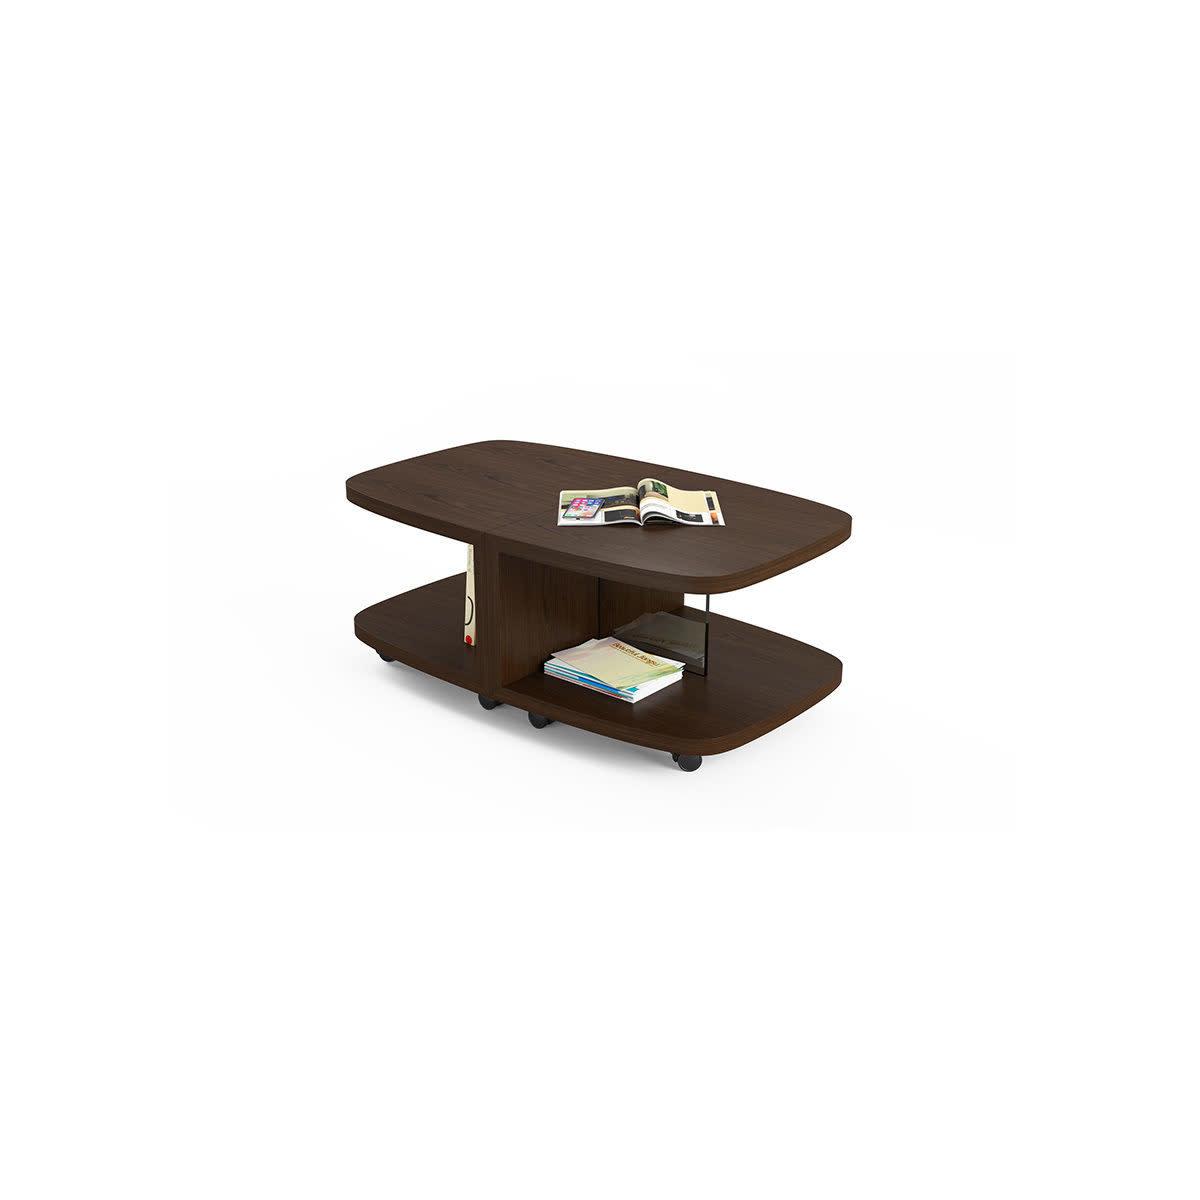 BDI Muv 1252 Motion Tables